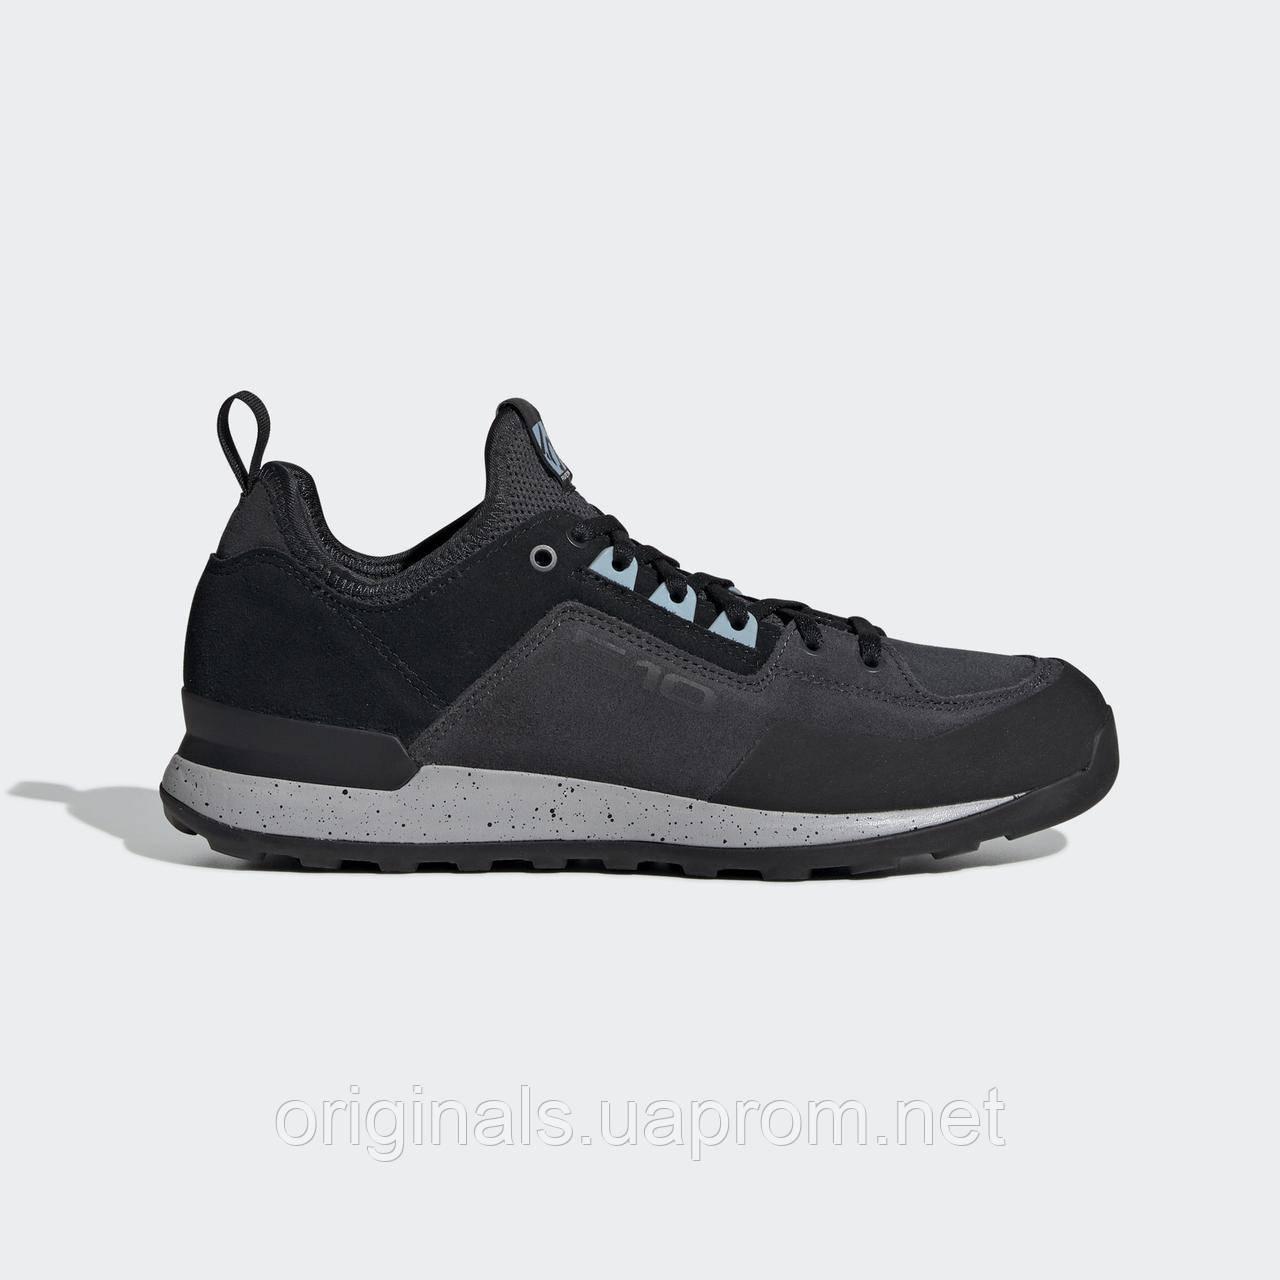 f97e6db7 Женские кроссовки Adidas Five Tennie W BC0932 - 2019 - интернет-магазин  Originals - Оригинальный